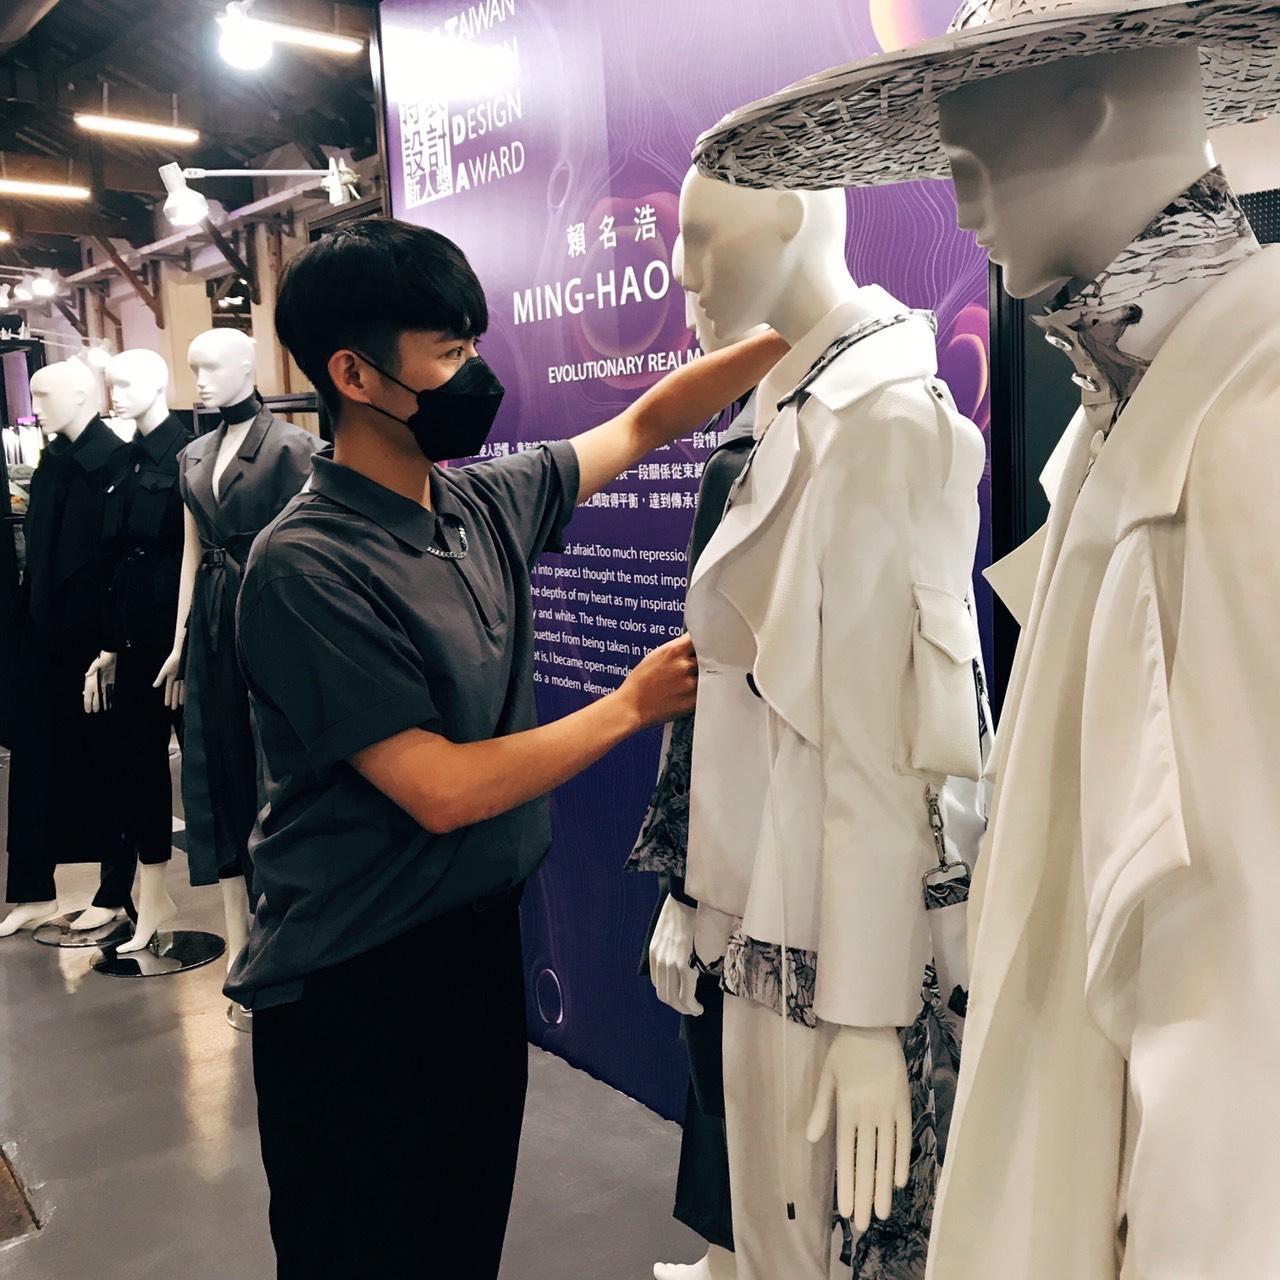 亚洲服装设计竞赛 明道赖名浩夺最佳商业潜力奖